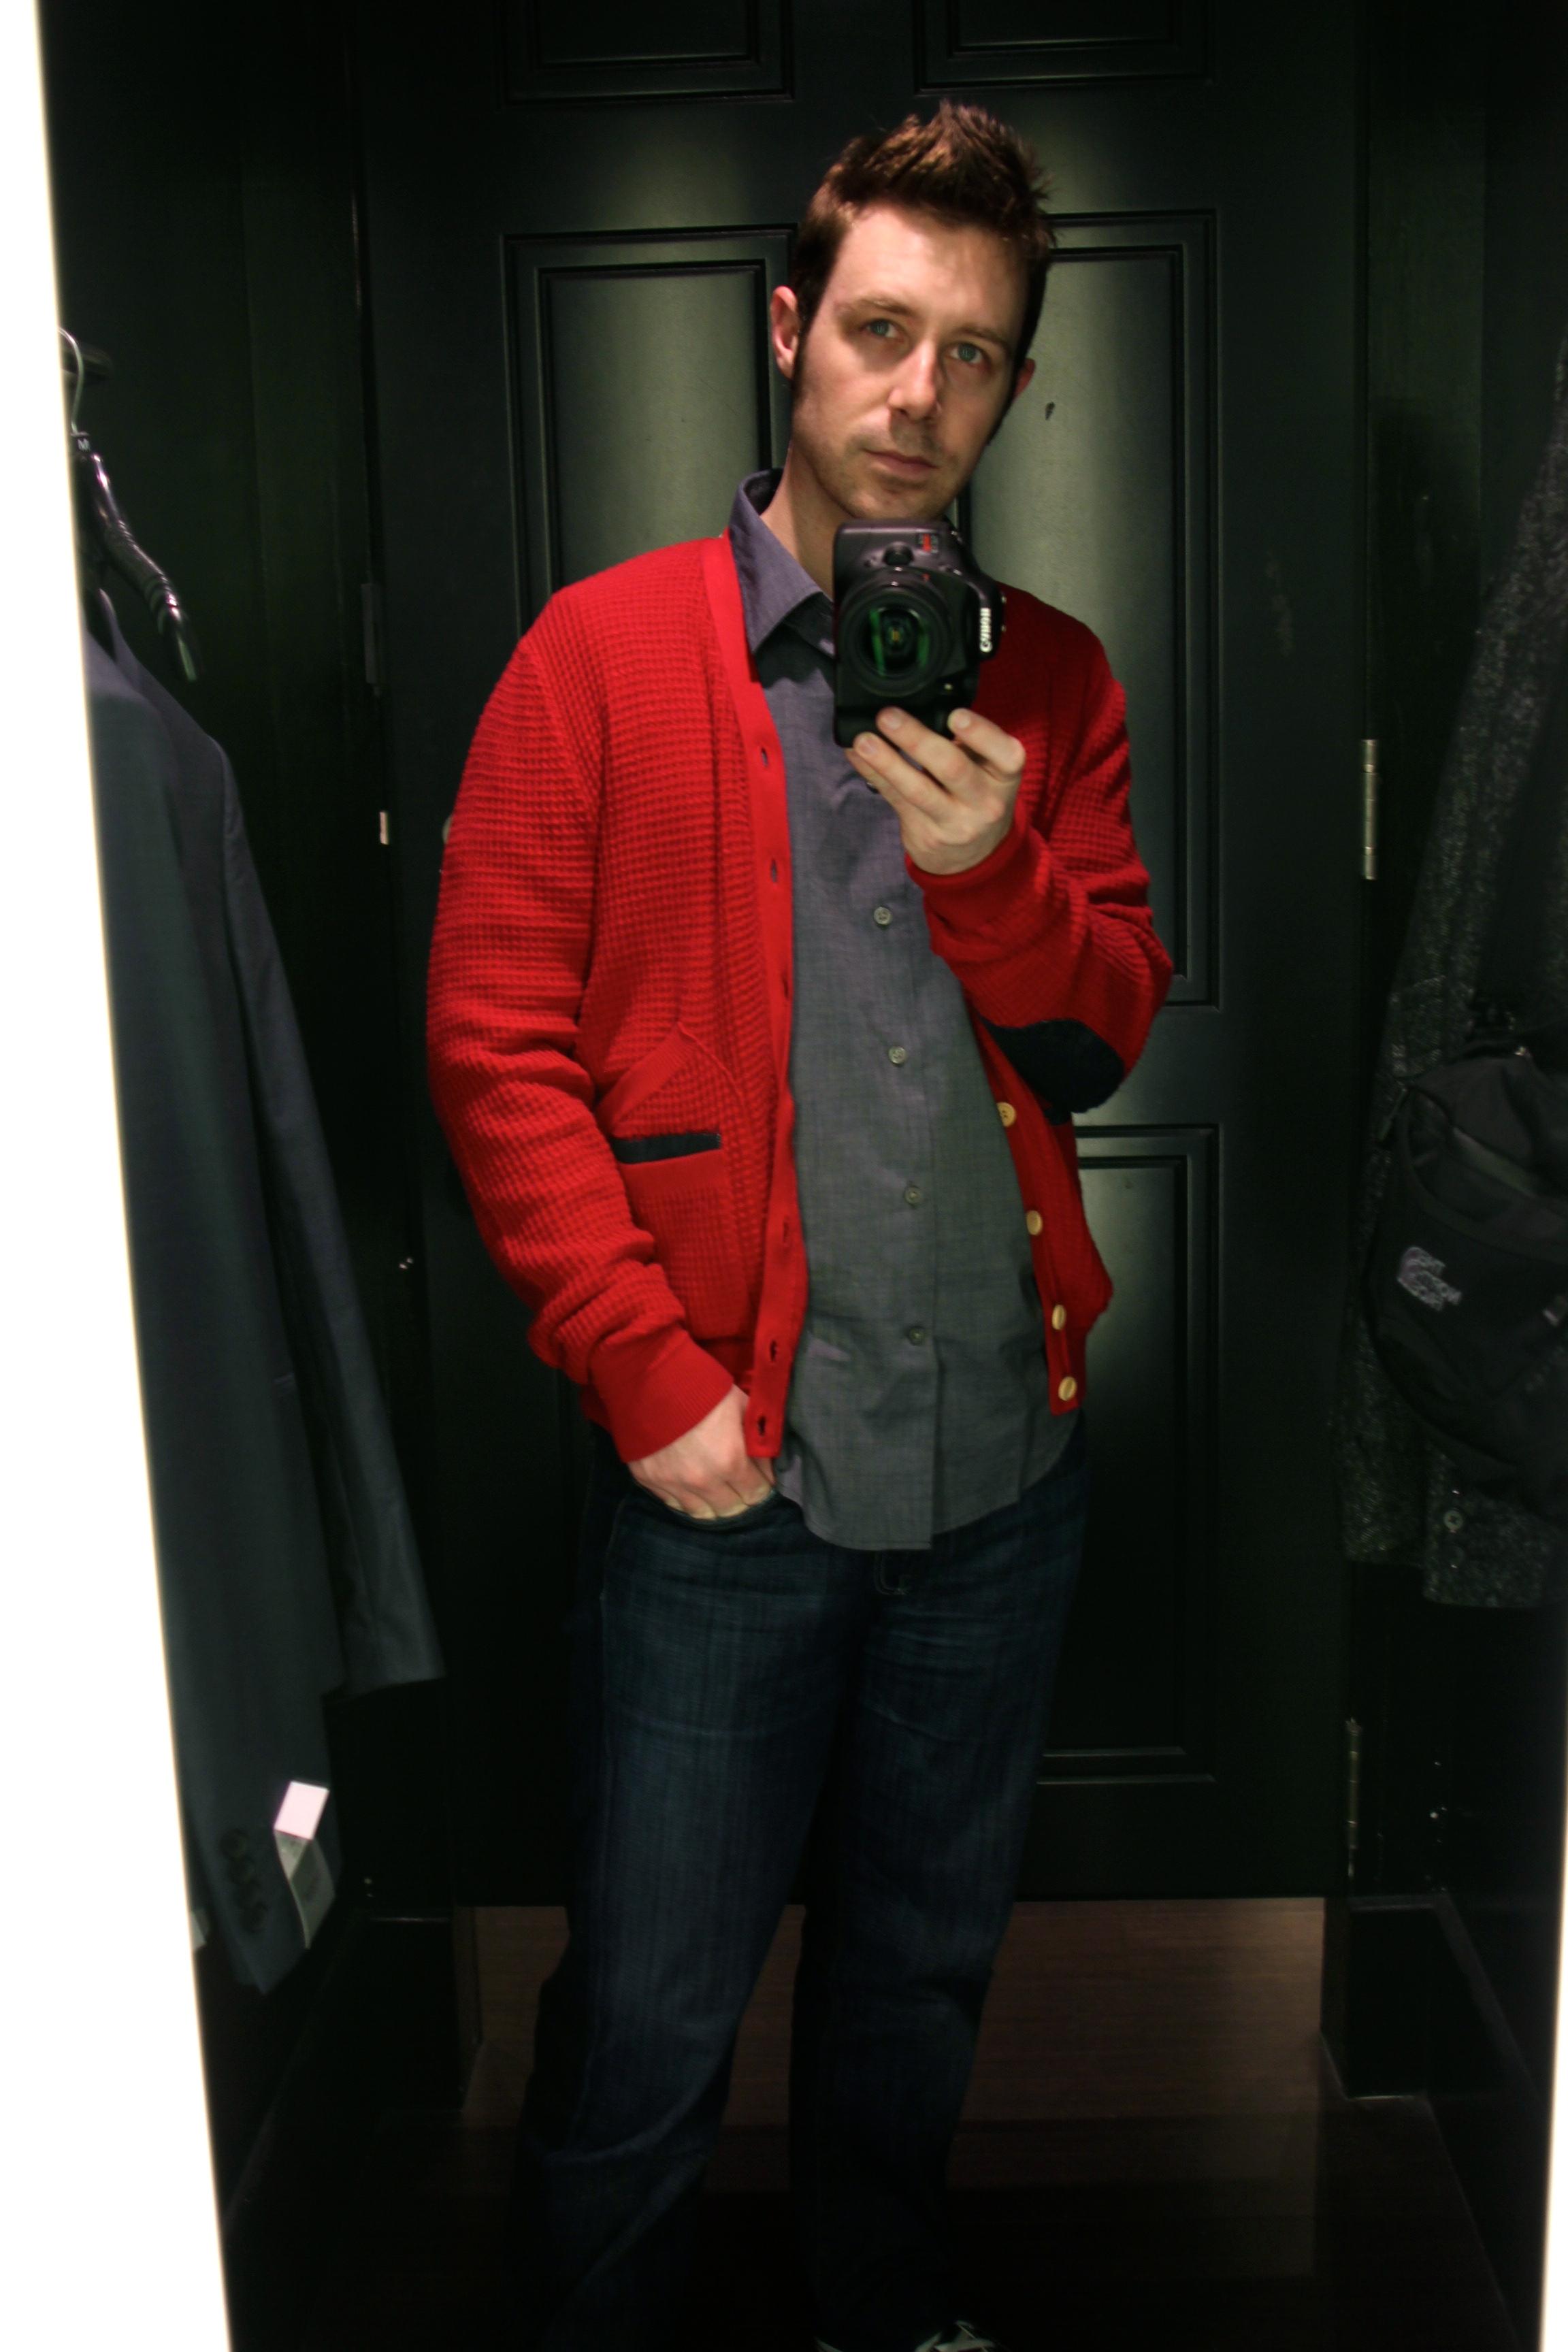 Cardigans aren't just for Mr. Rogers? (@RyanShell)